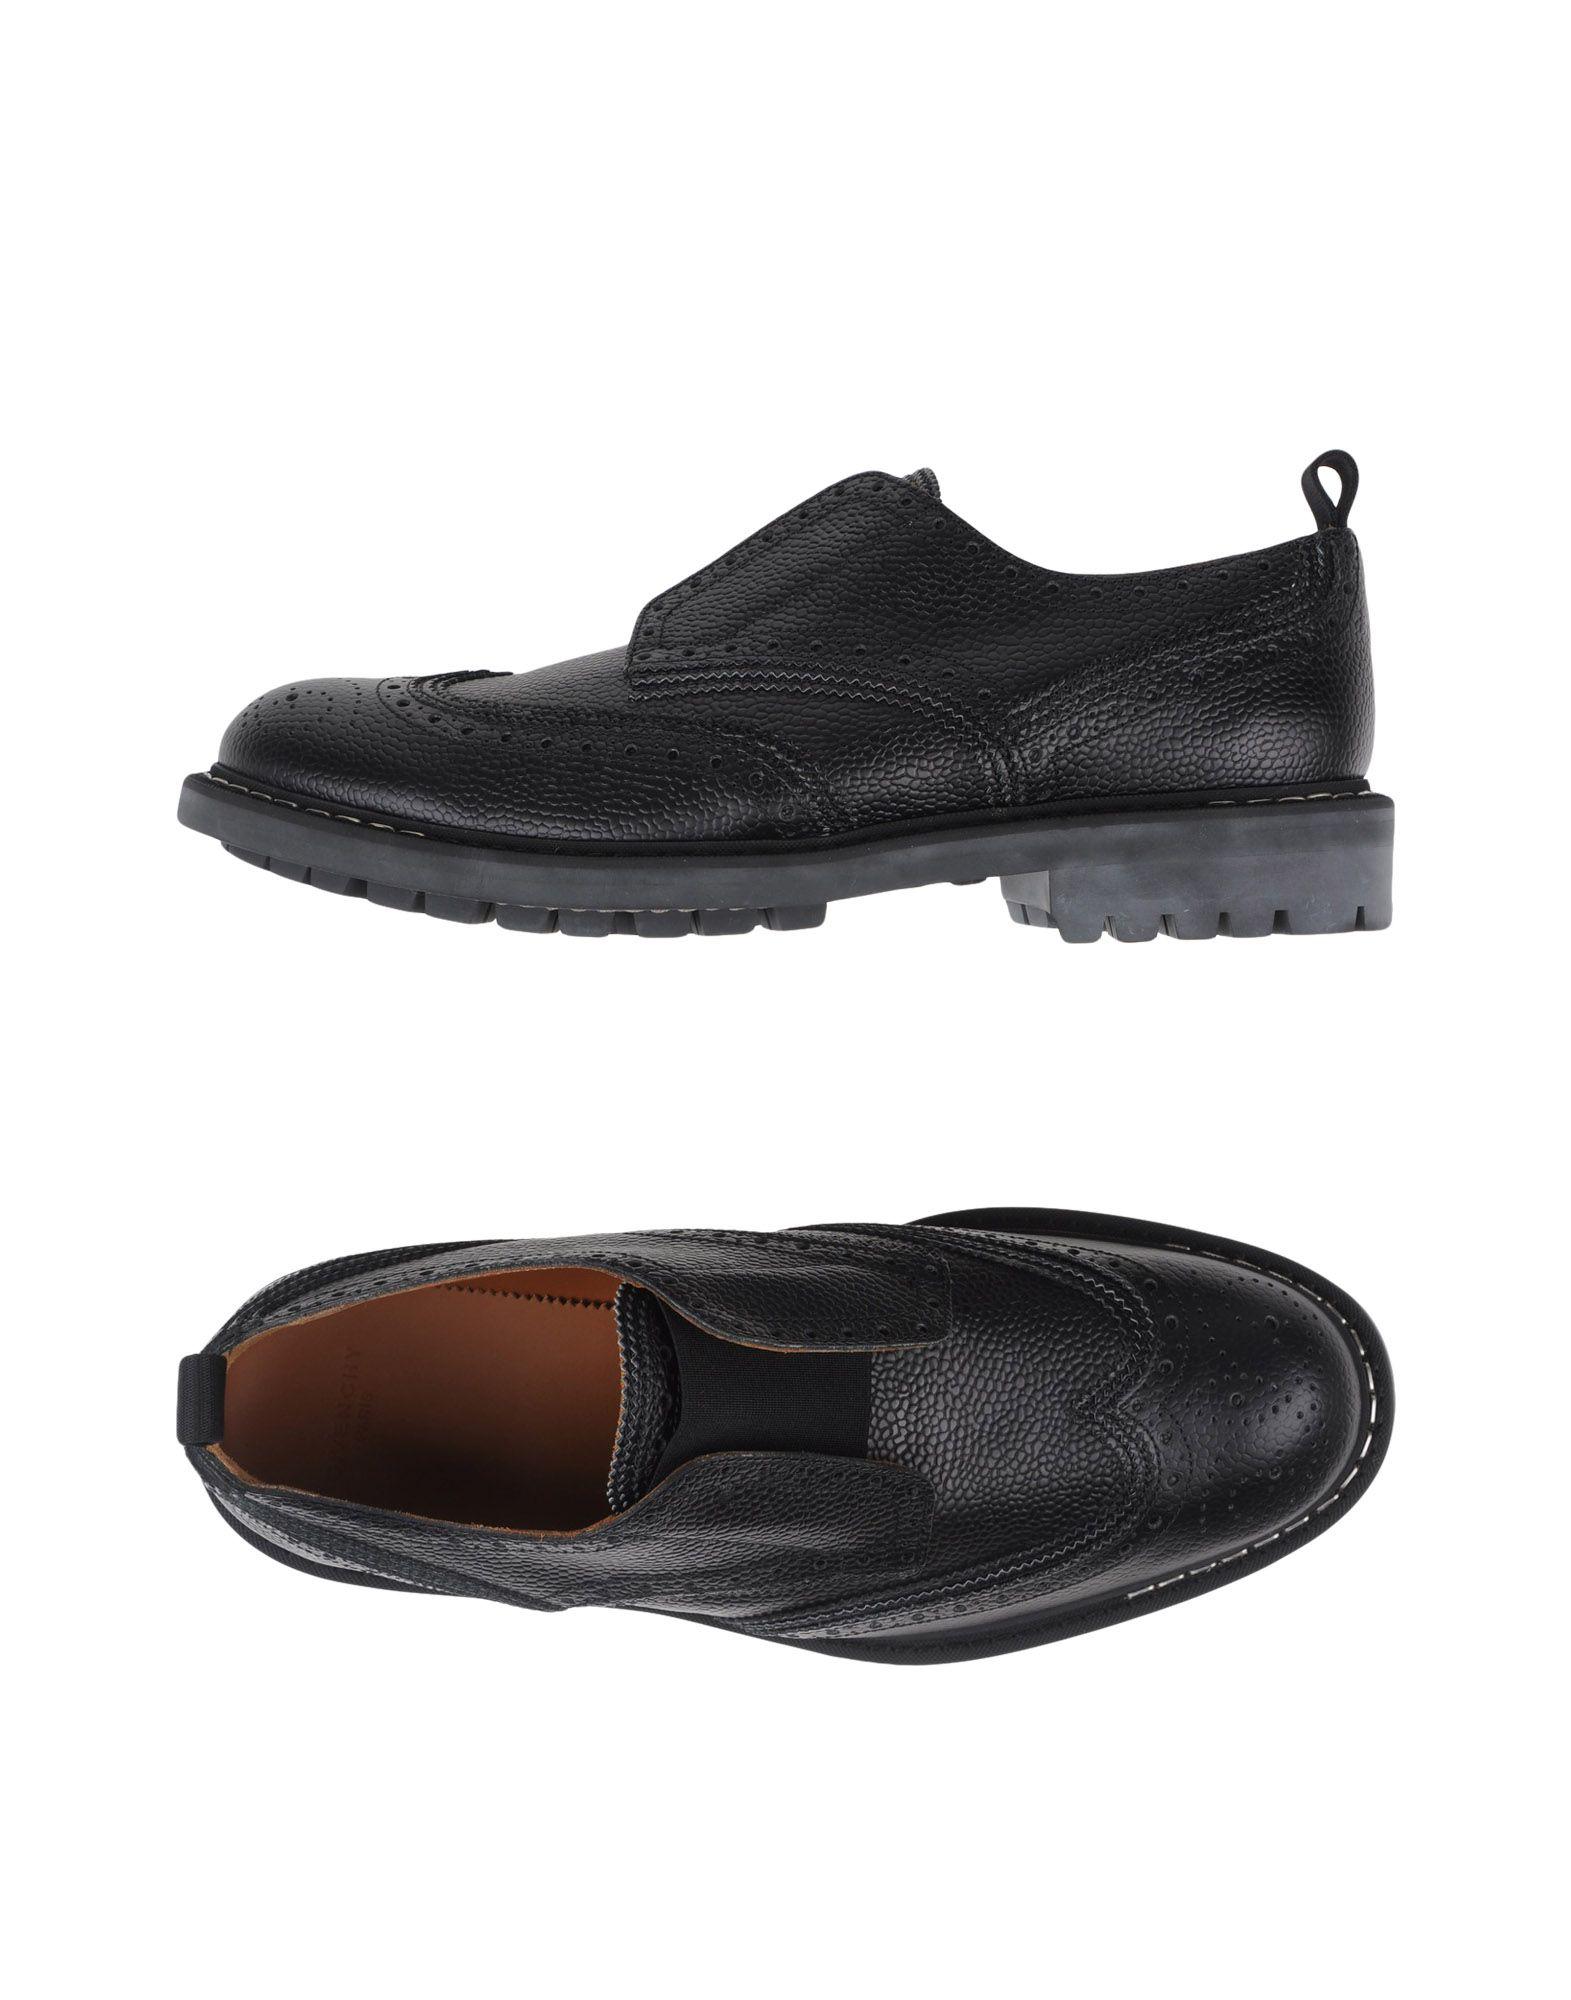 Givenchy Schnürschuhe Herren  44956569BB Gute Qualität beliebte Schuhe